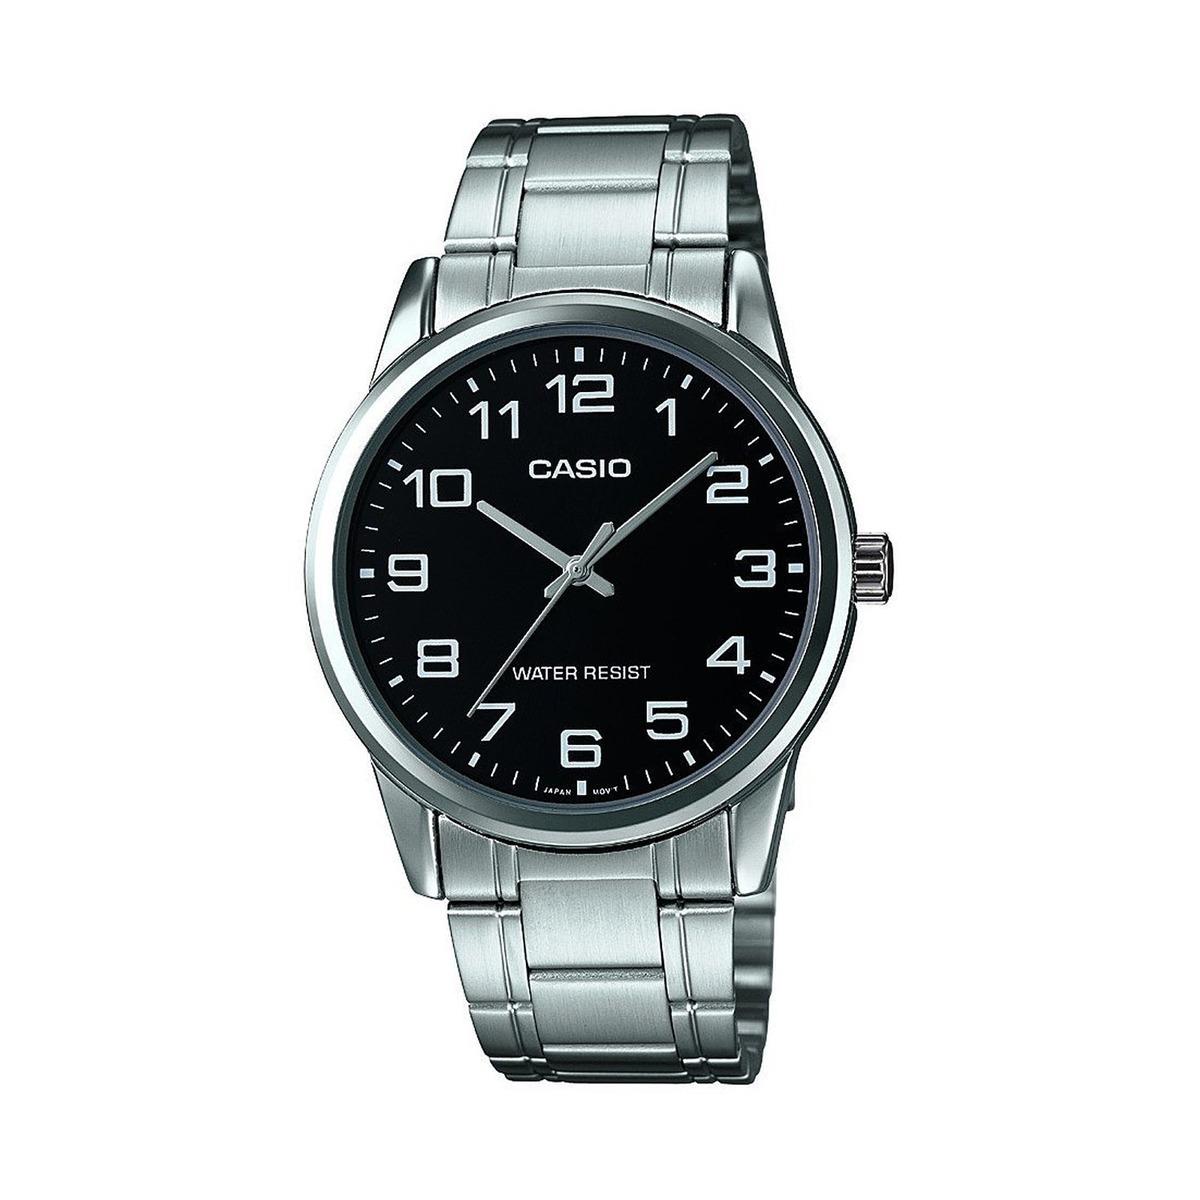 c15f52f05db relógio casio collection analógico feminino ltp-v001d-1budf. Carregando  zoom.